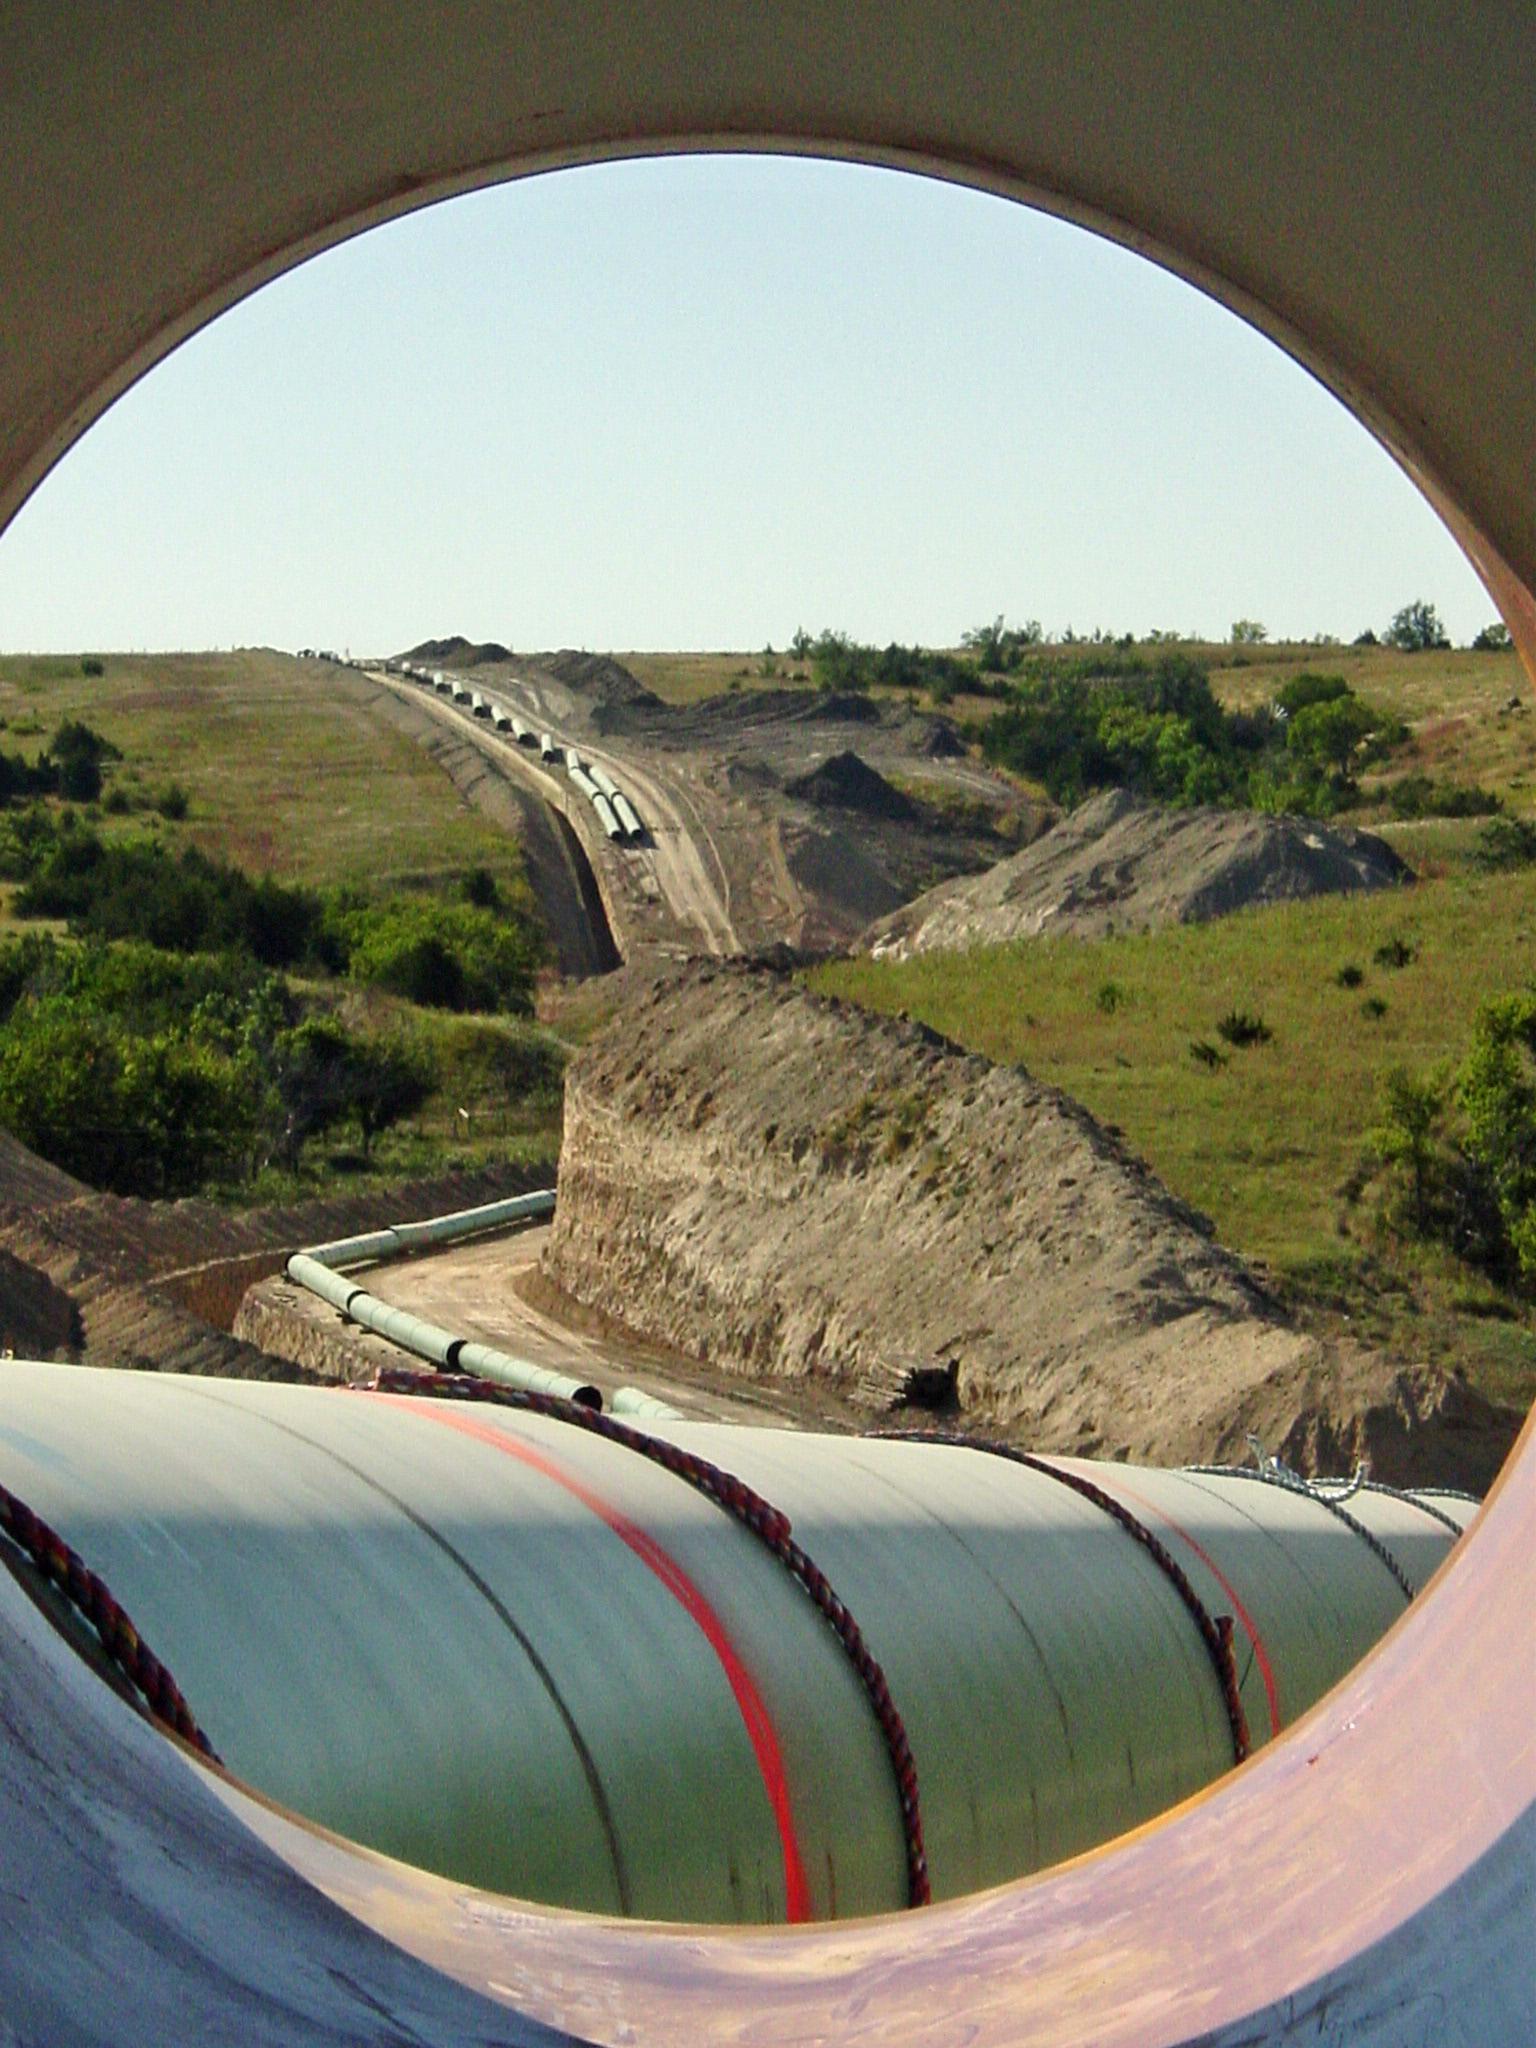 A view through a pipeline.